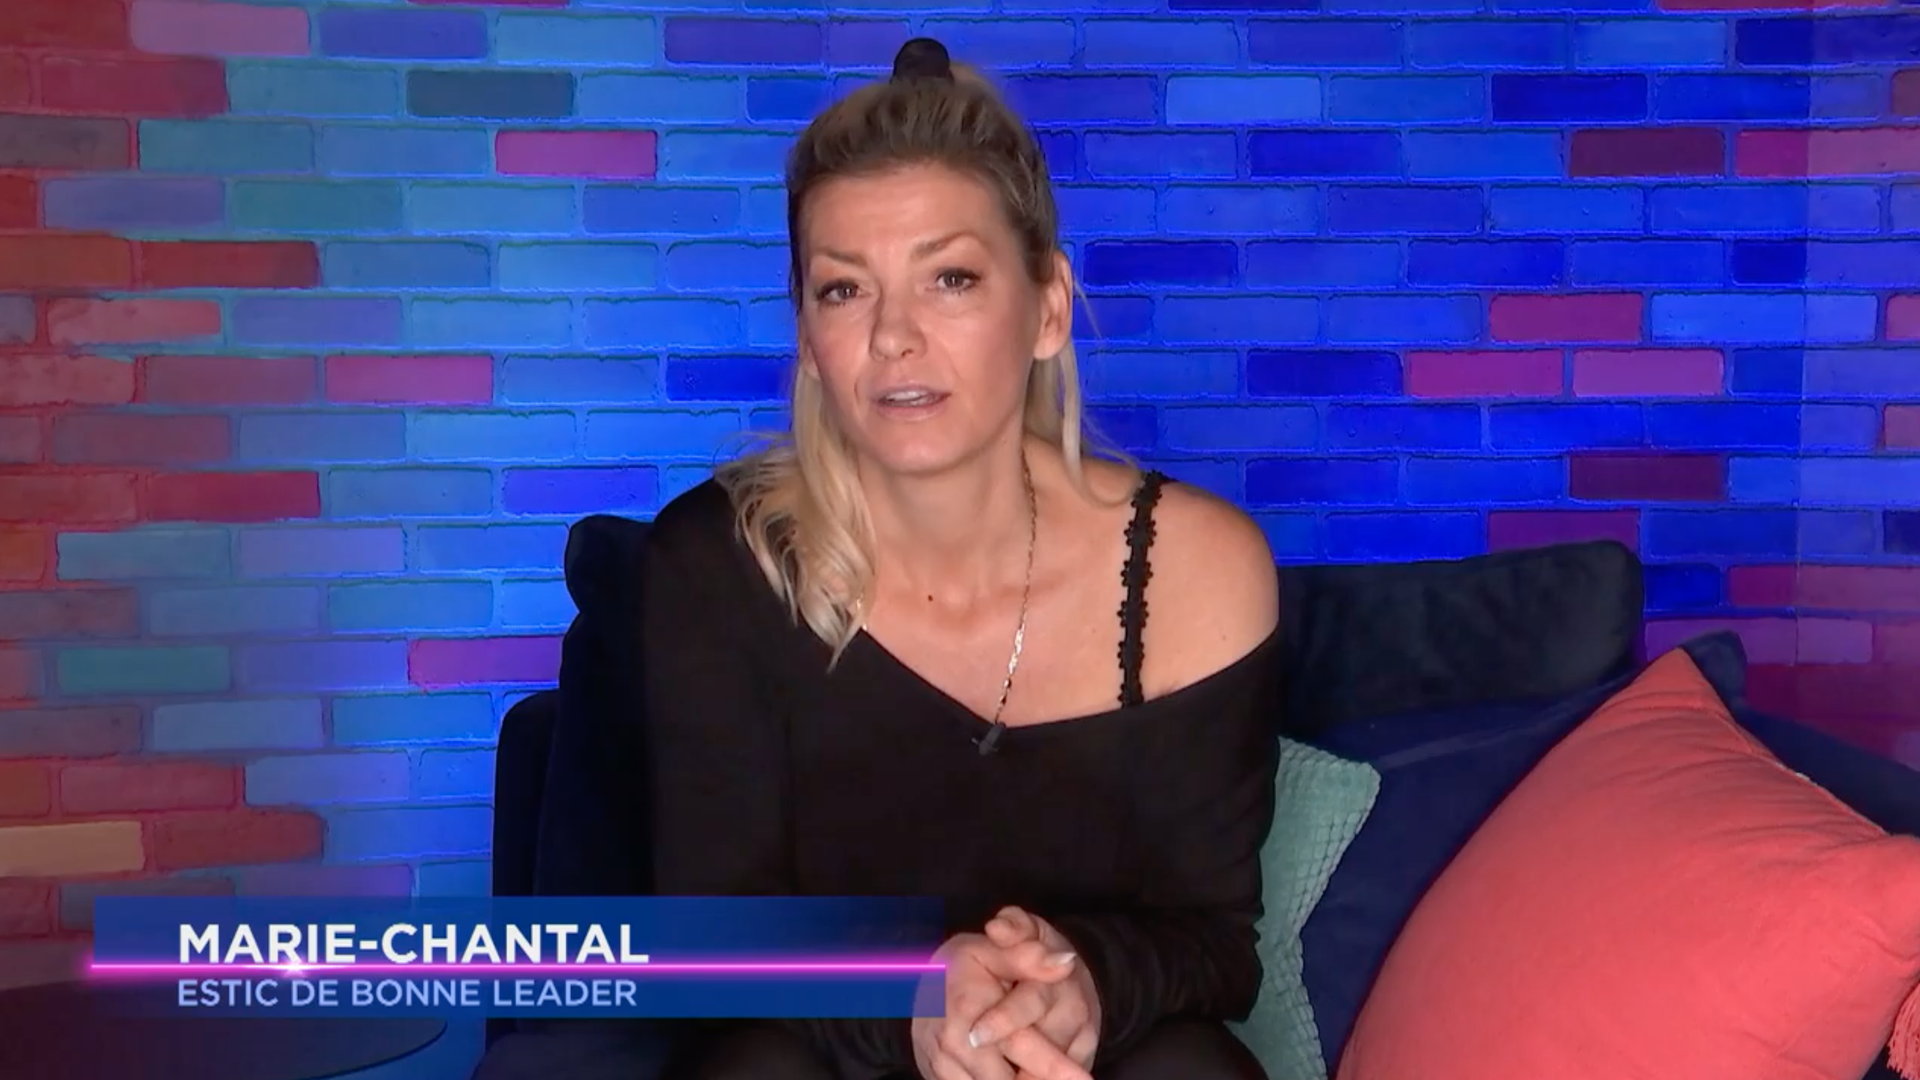 Voici pourquoi on ne verra pas la chicane entre Varda et Marie-Chantal à Big Brother